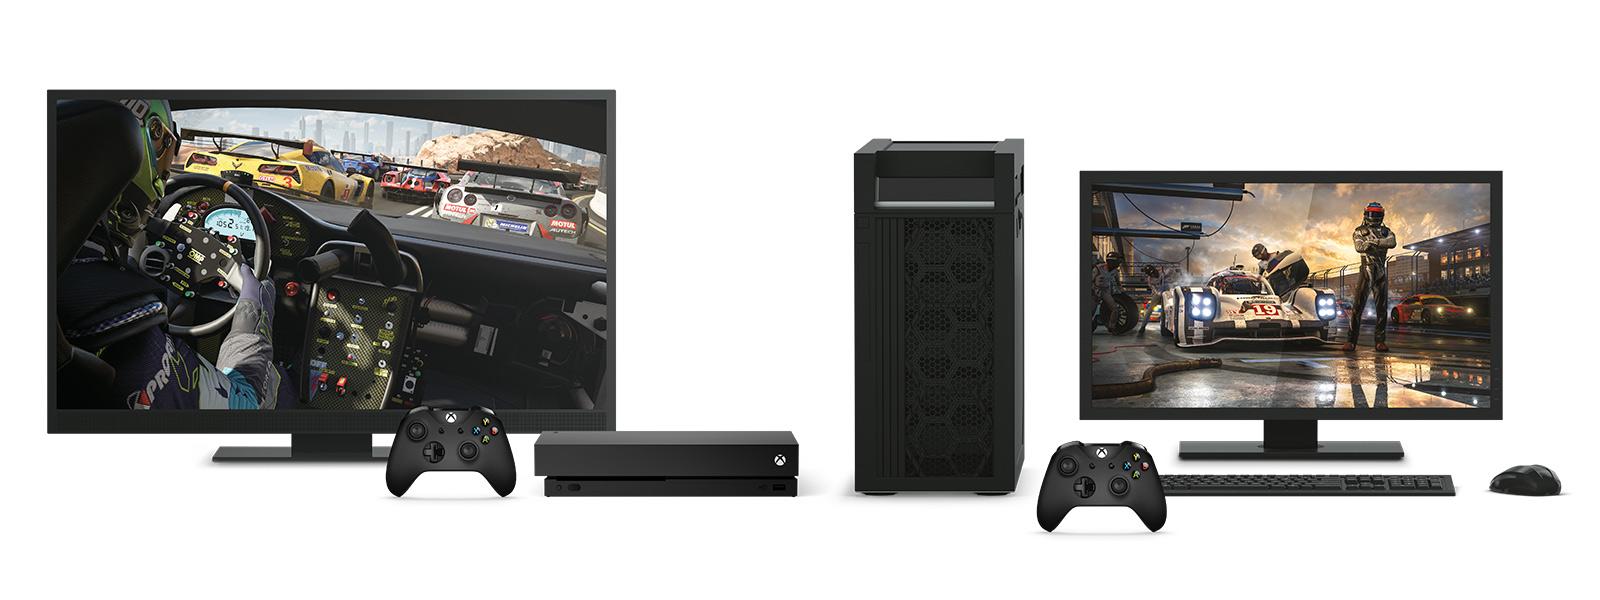 Bir Televizyonda ve Bilgisayar ekranında Forza Motorsport 7 gösteren Xbox One X ve bir 4K Masaüstü cihaz